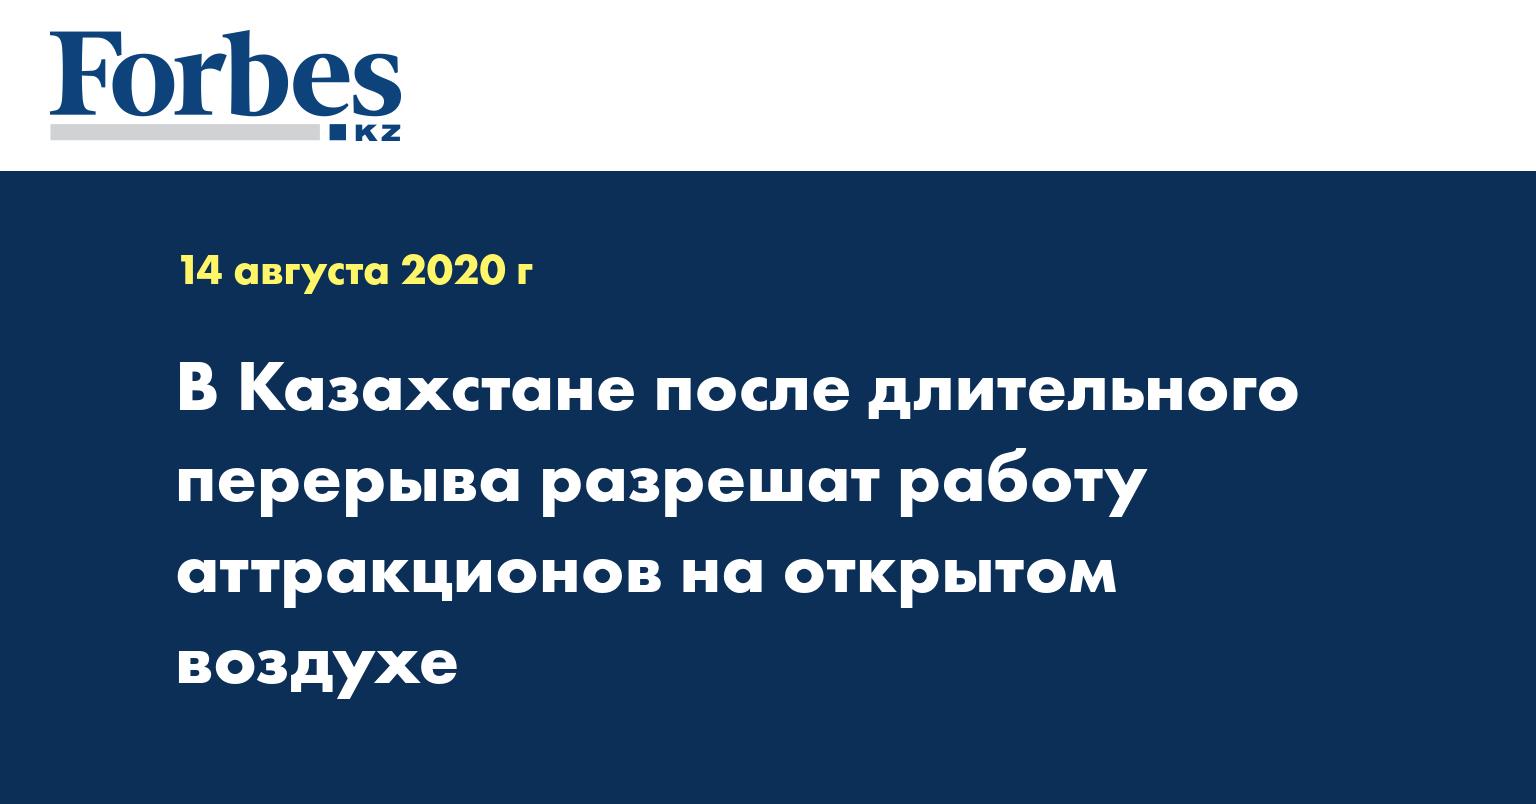 В Казахстане после длительного перерыва разрешат работу аттракционов на открытом воздухе